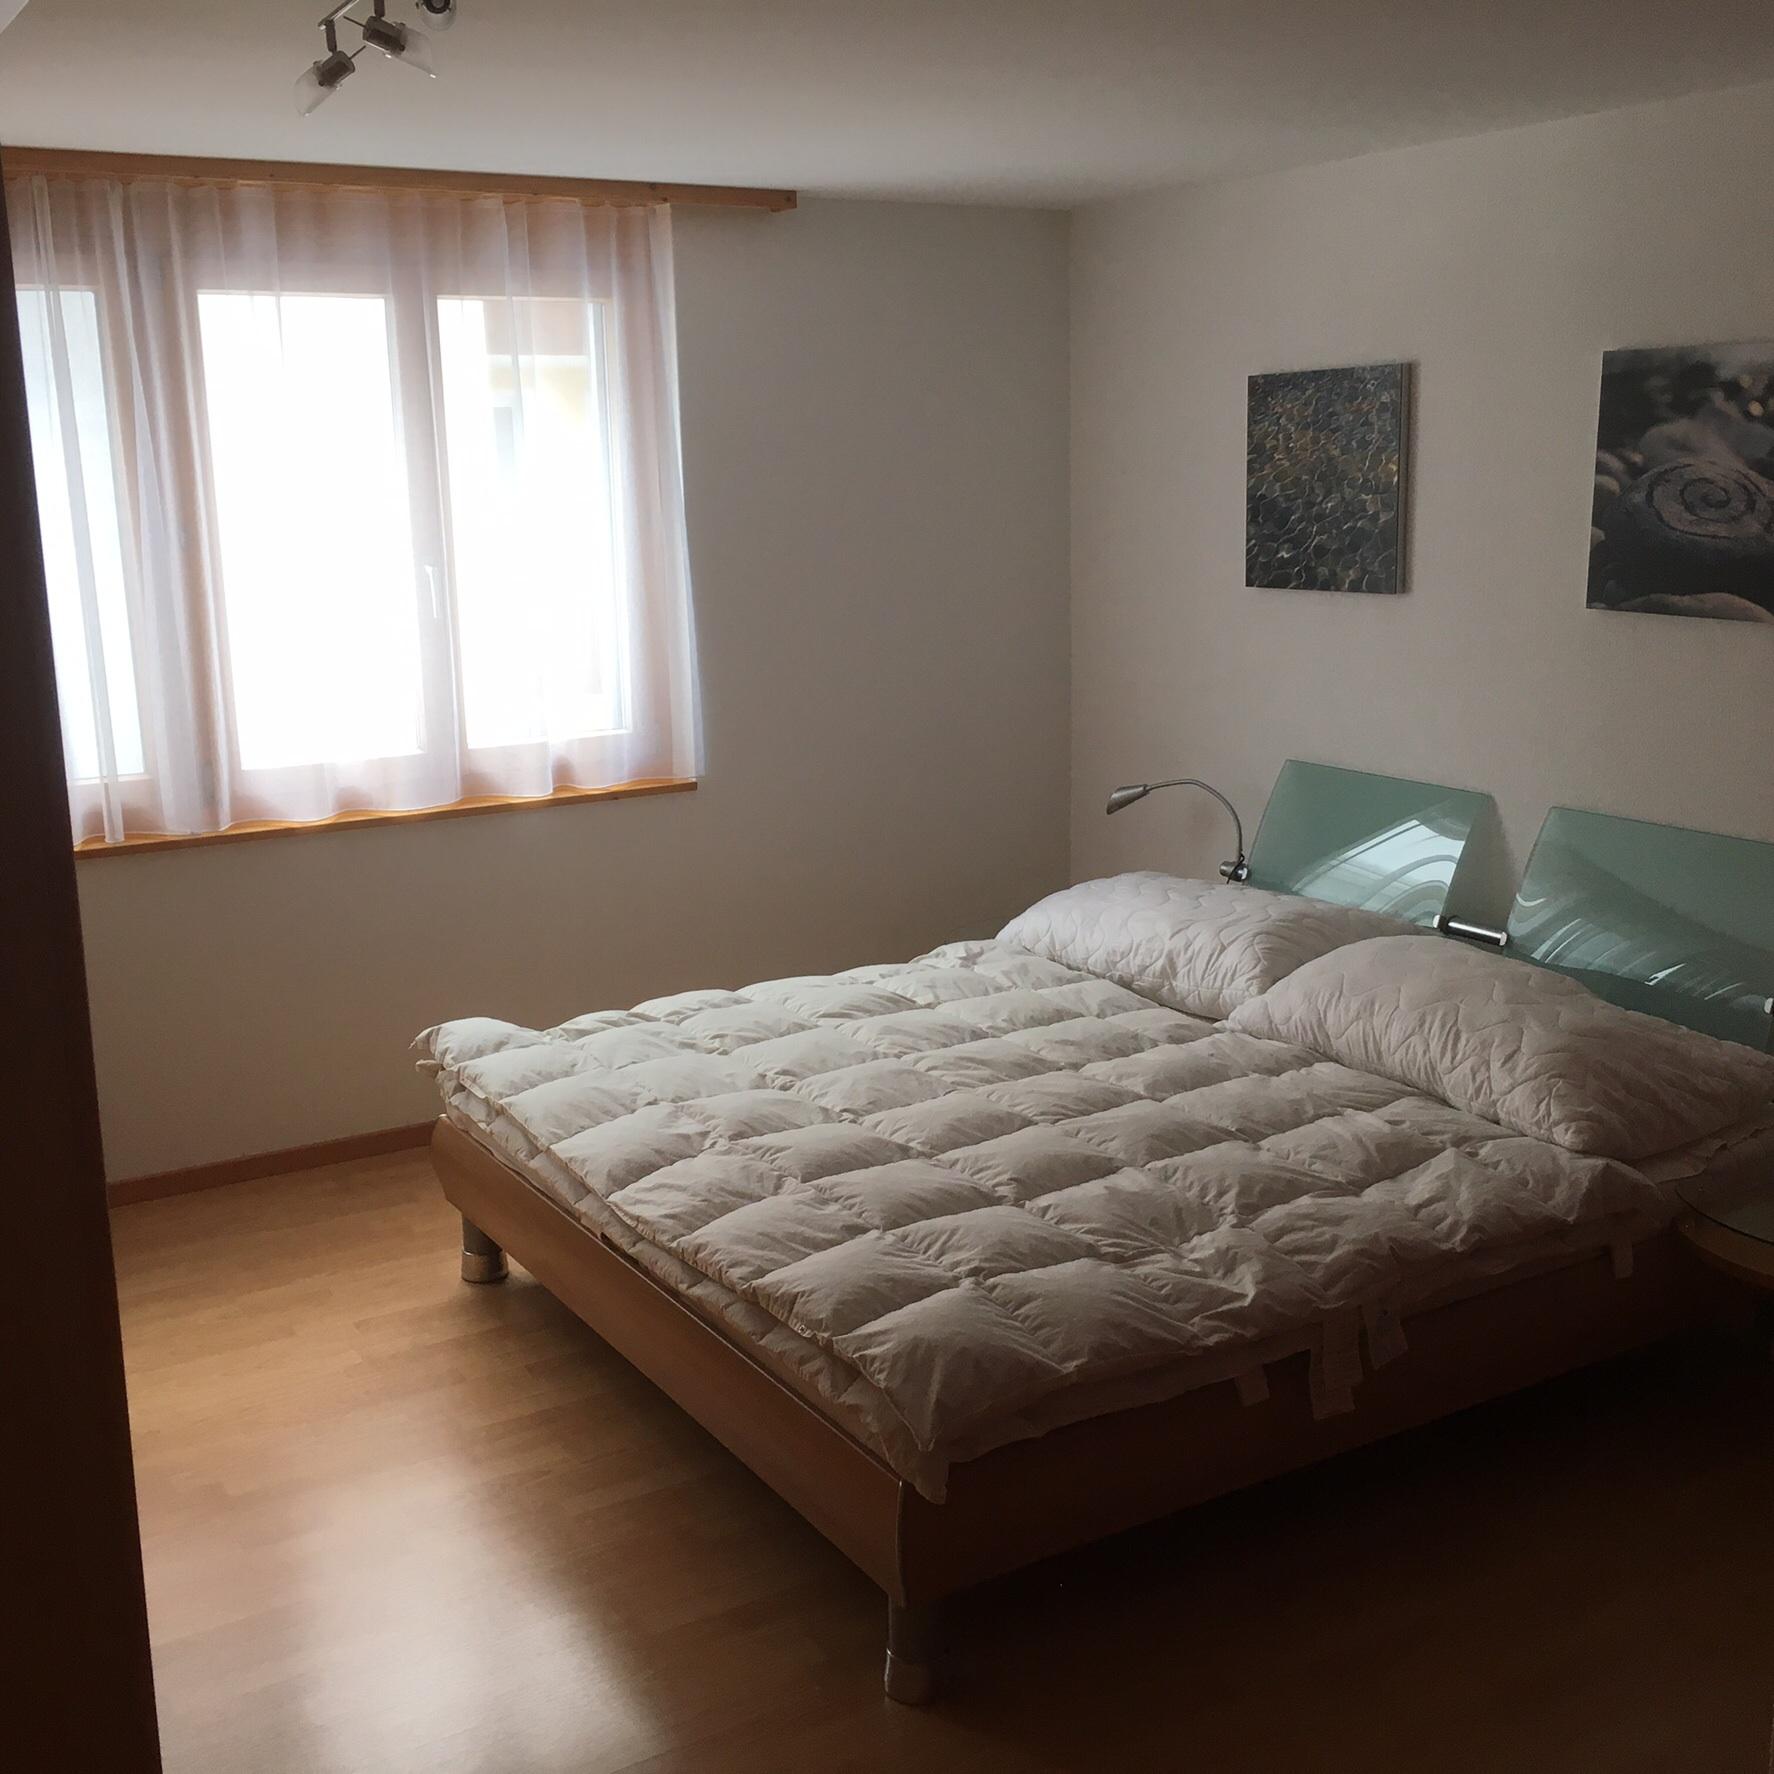 feng shui bett. Black Bedroom Furniture Sets. Home Design Ideas